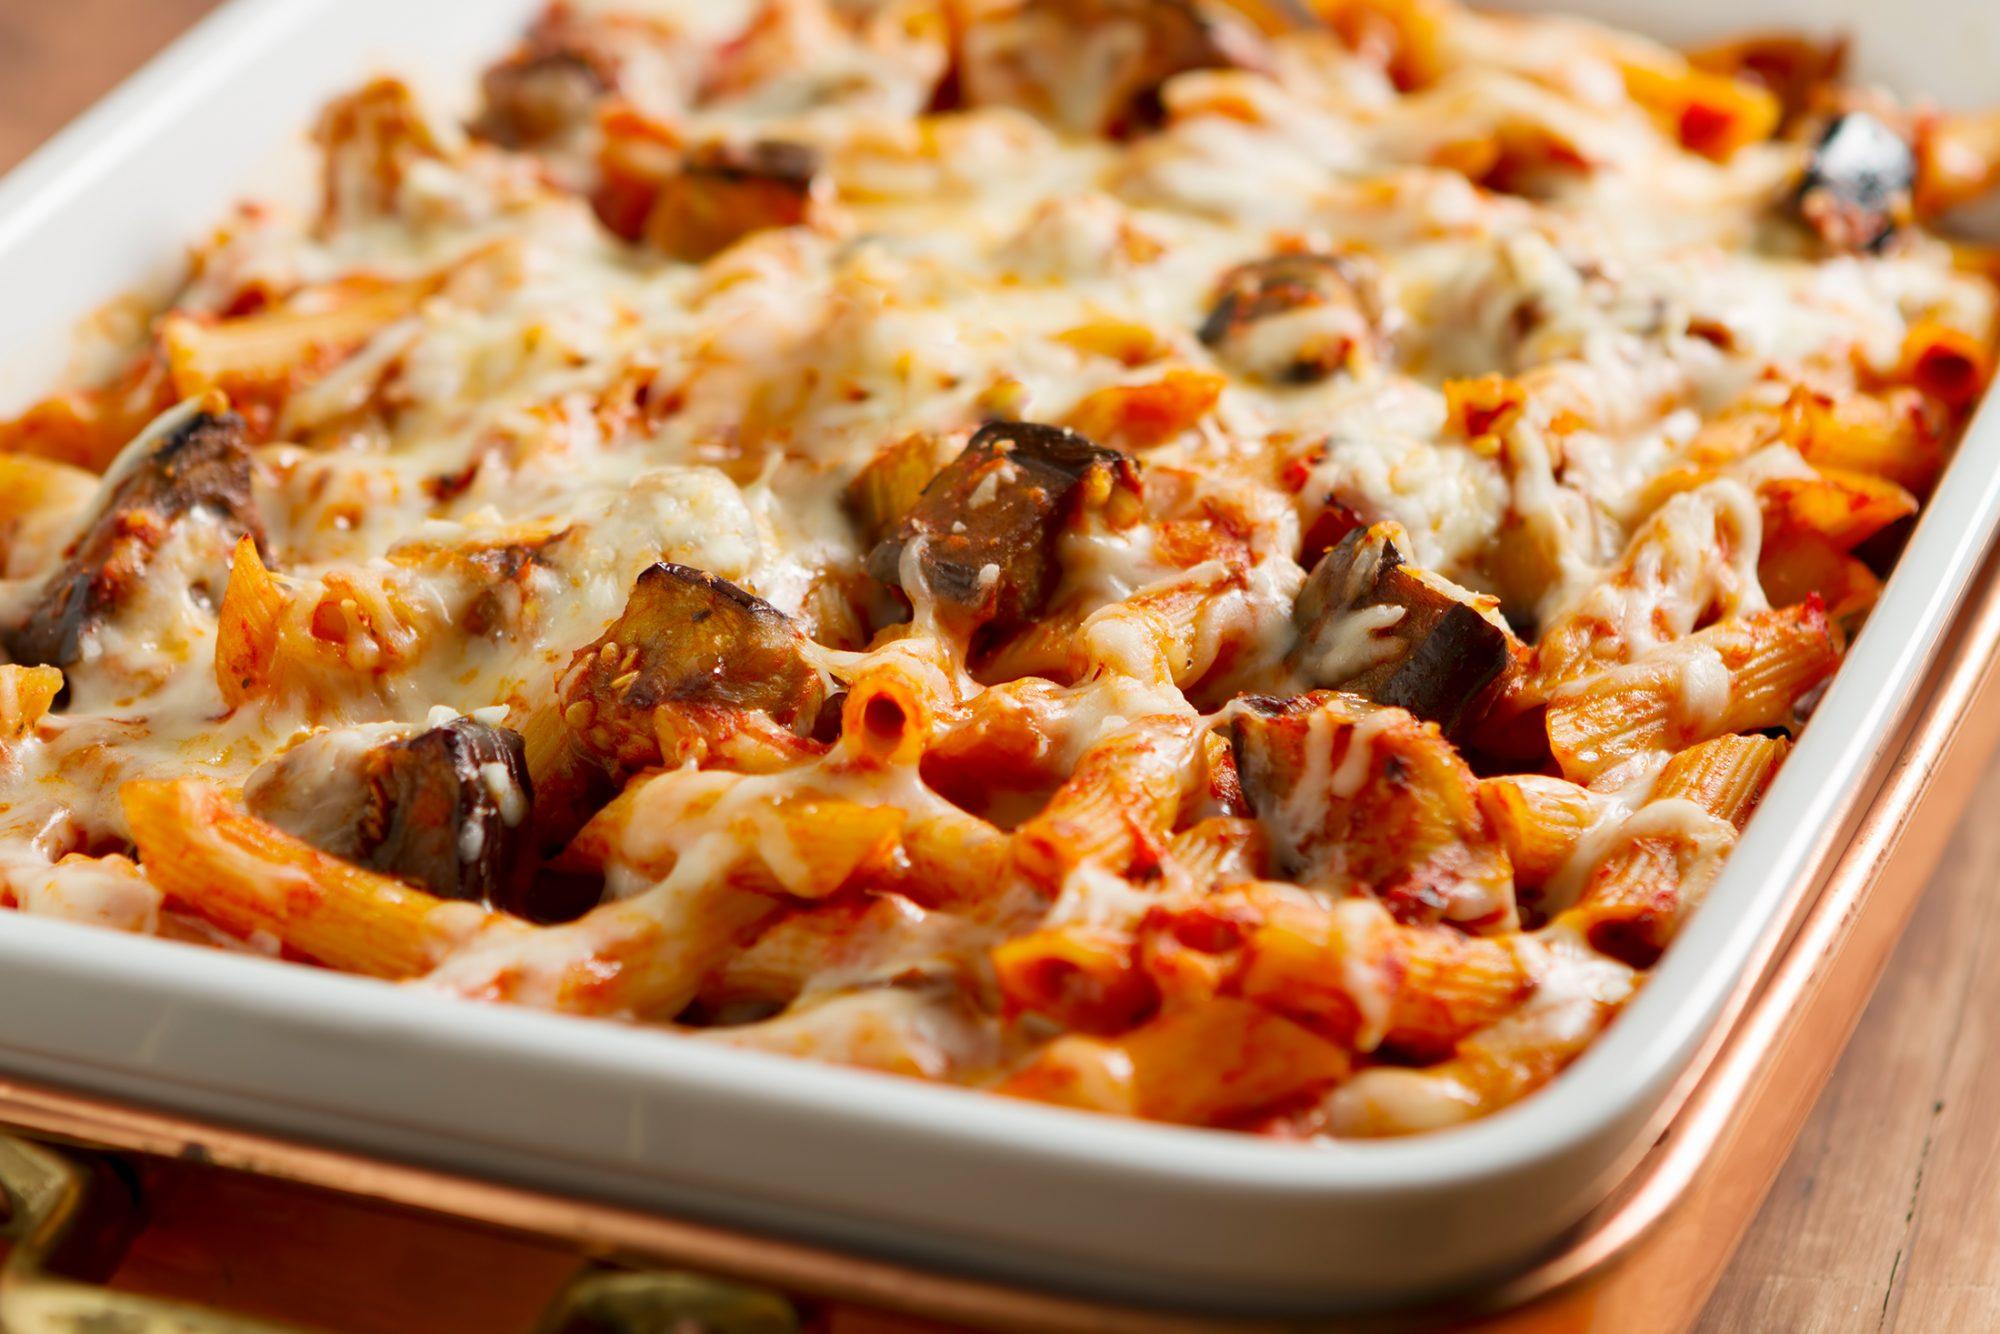 sicilian-casserole-171277647.jpg